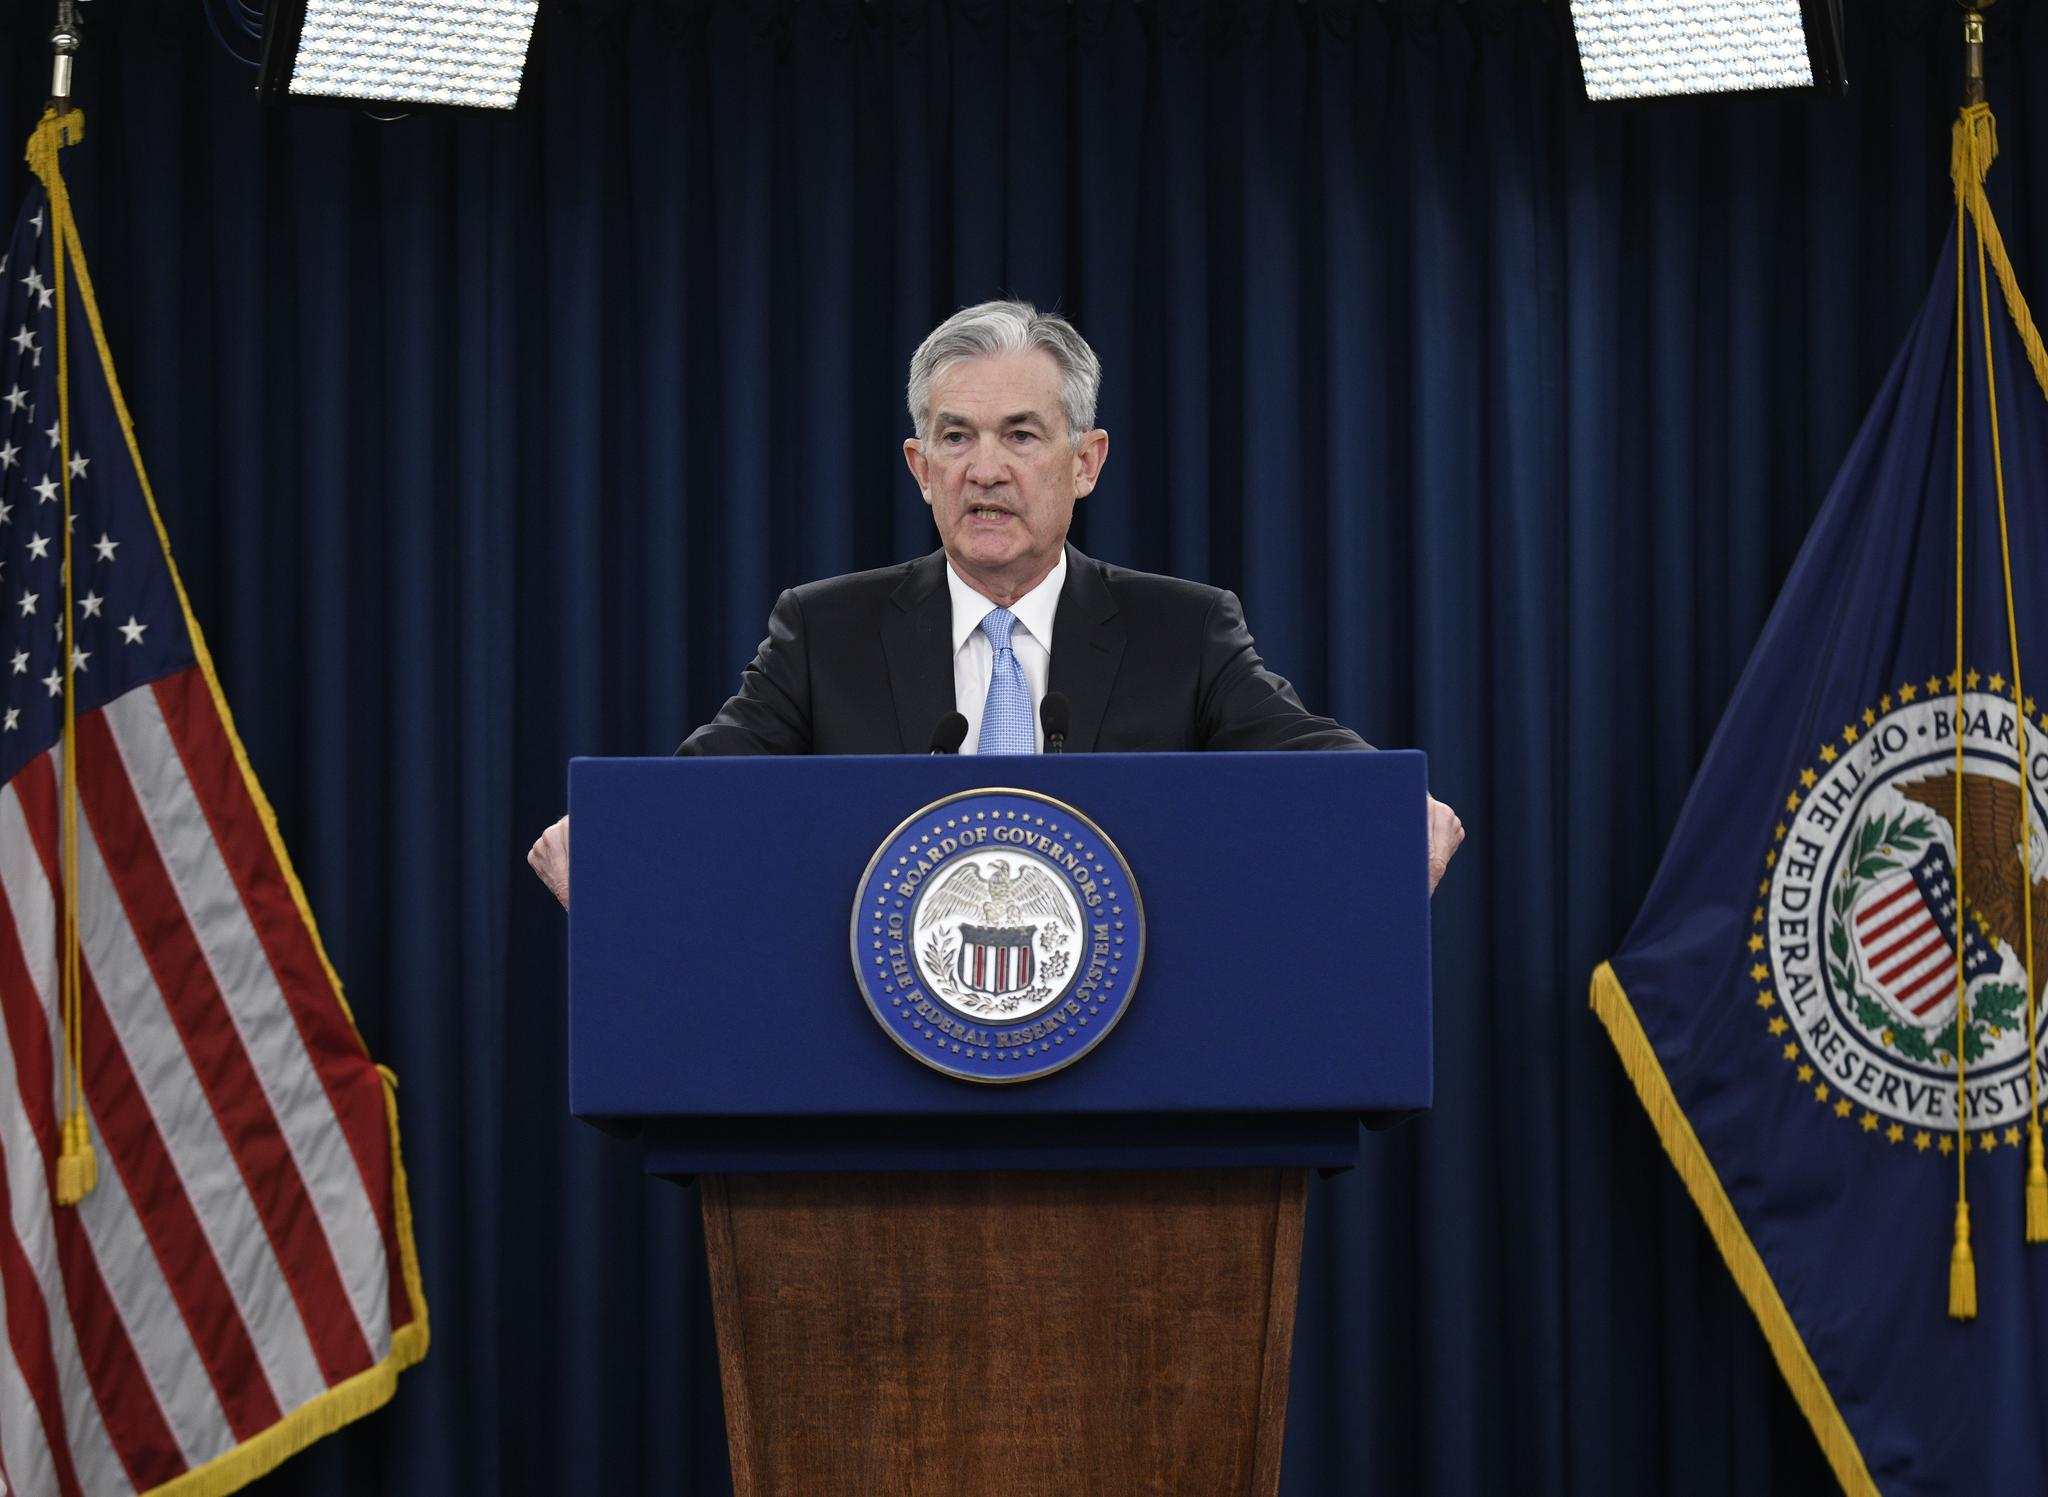 原创 美联储停止加息影响:人民币升值金价涨 美股或迎来熊市